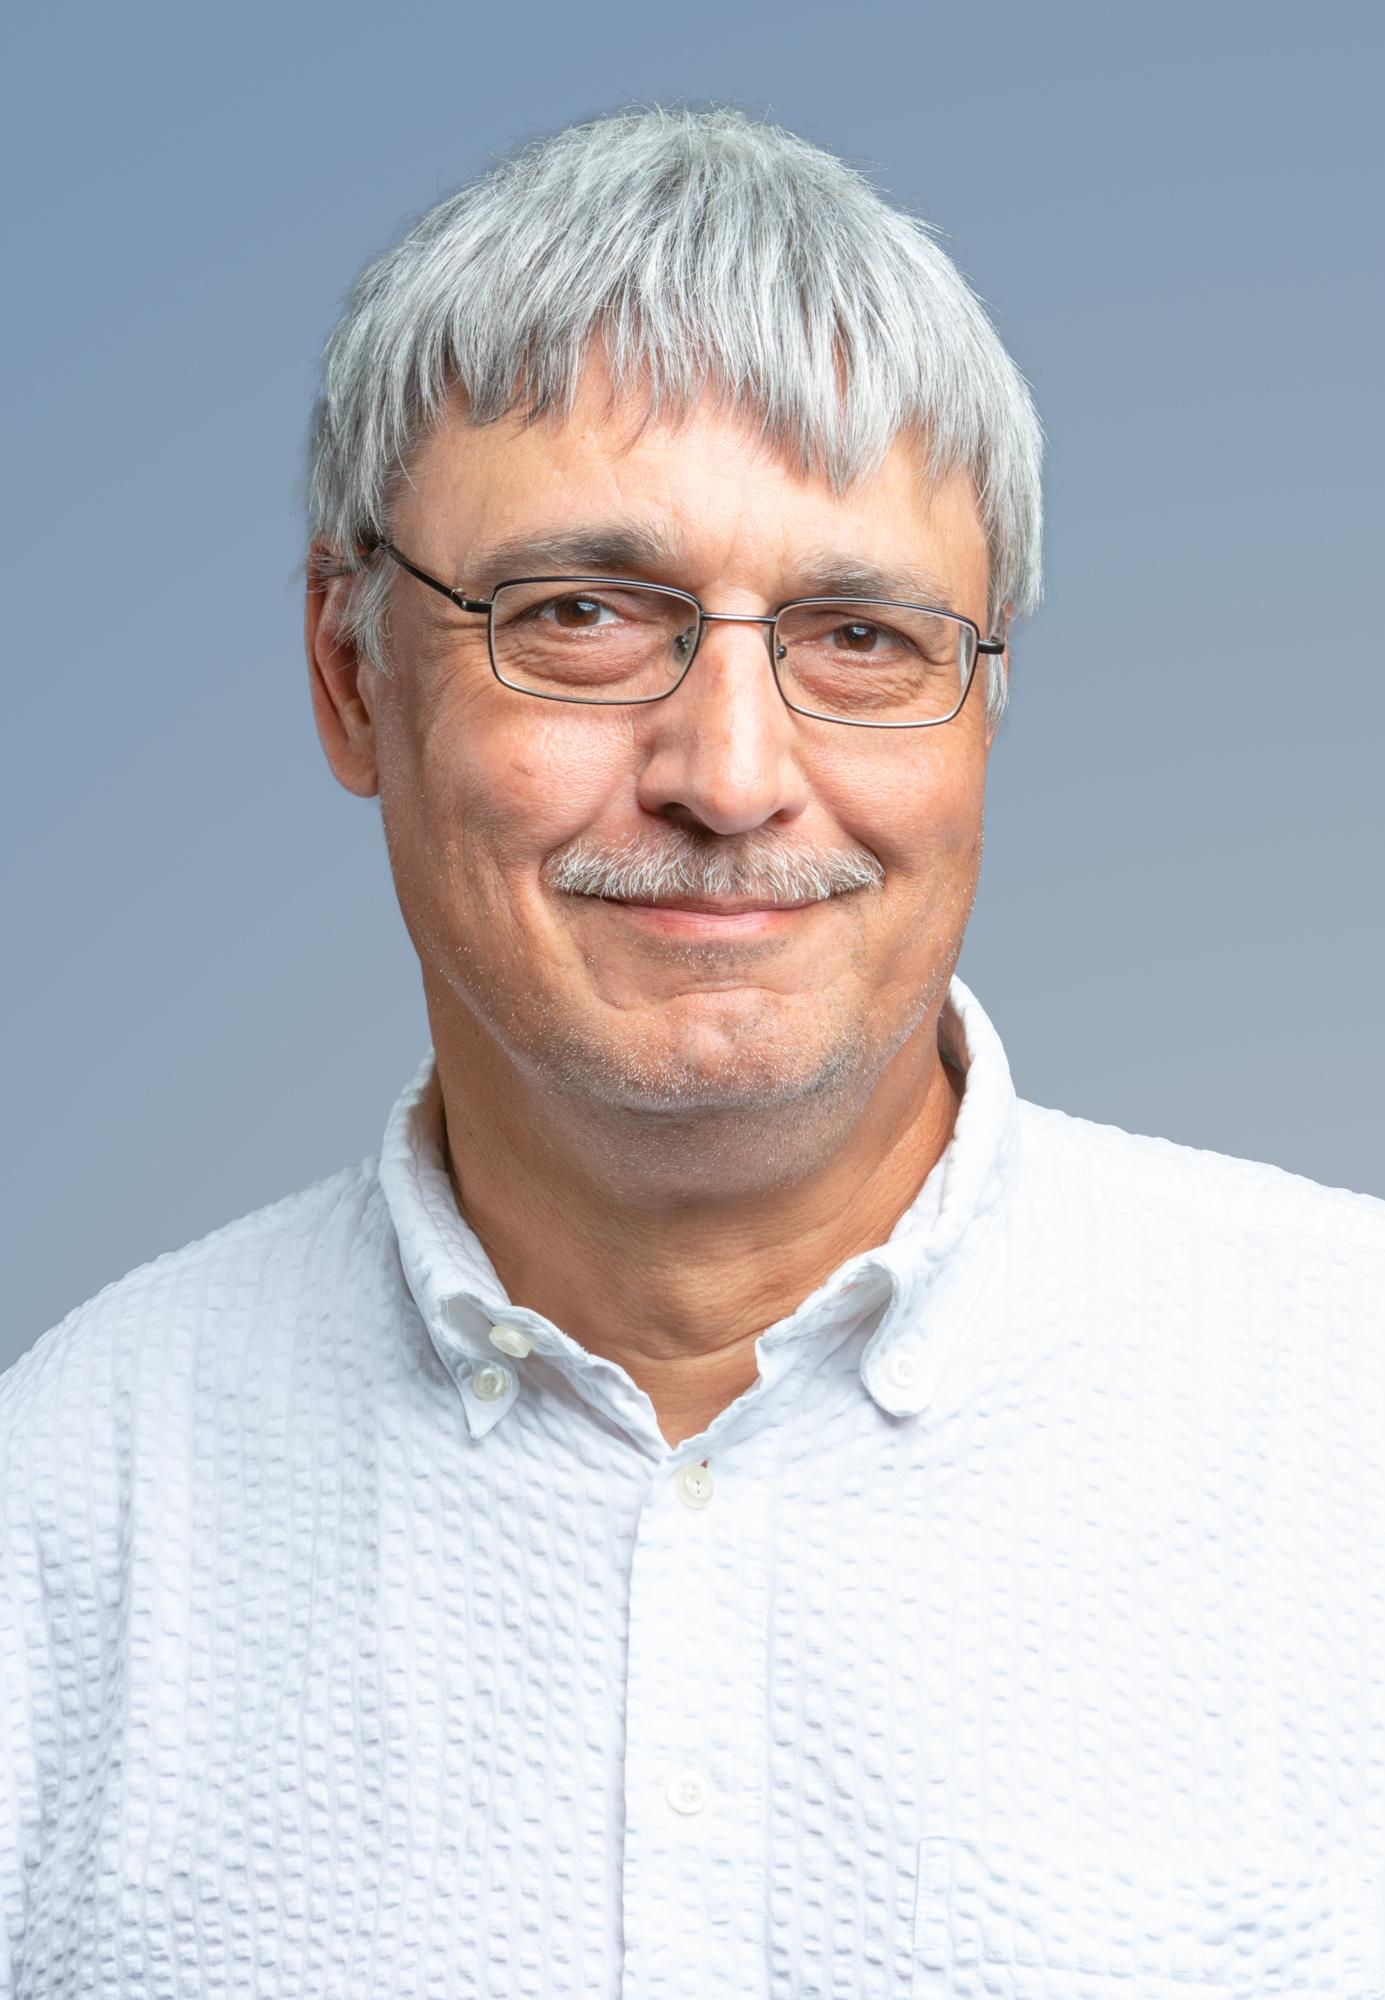 Ralf Buchholz für Linnich